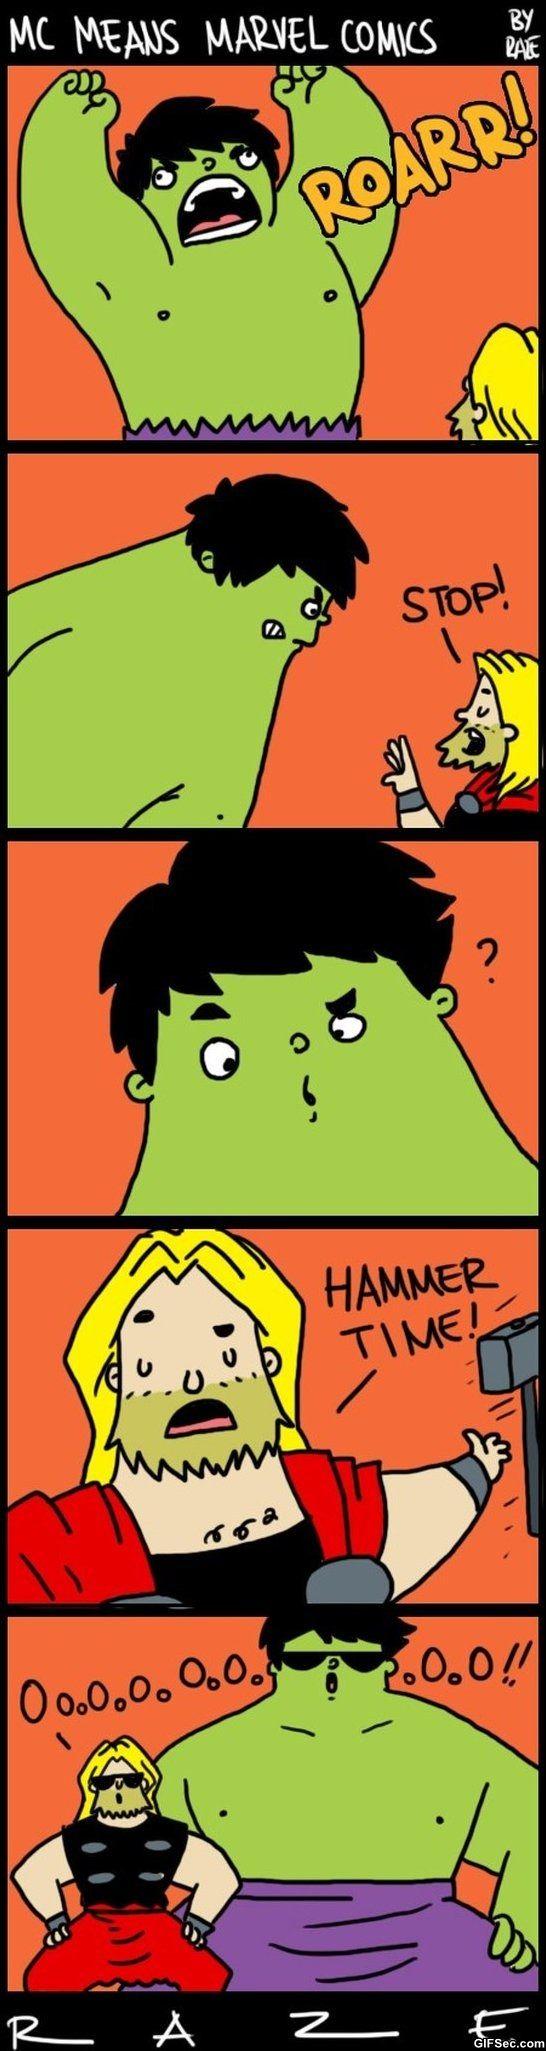 Funny Marvel Comics MEME Jokes 2014